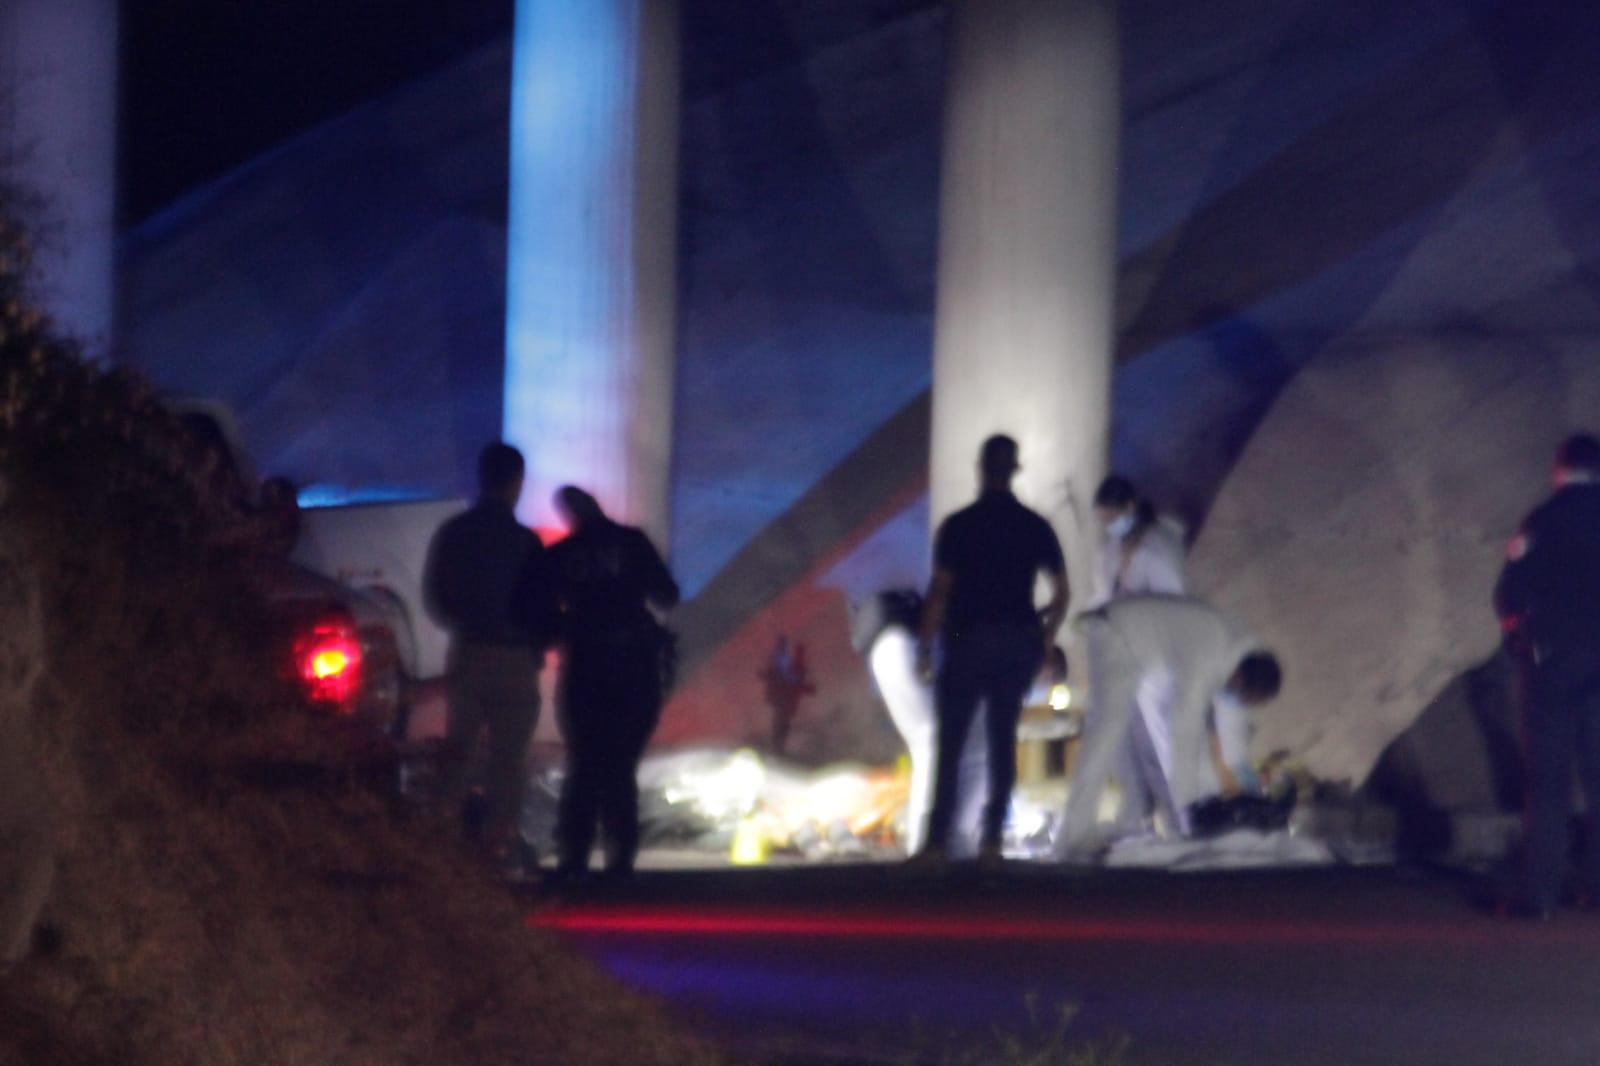 Por andar de secuestradores, ejecutan a 4 los embolsan y los tiran debajo de puente en Tijuana